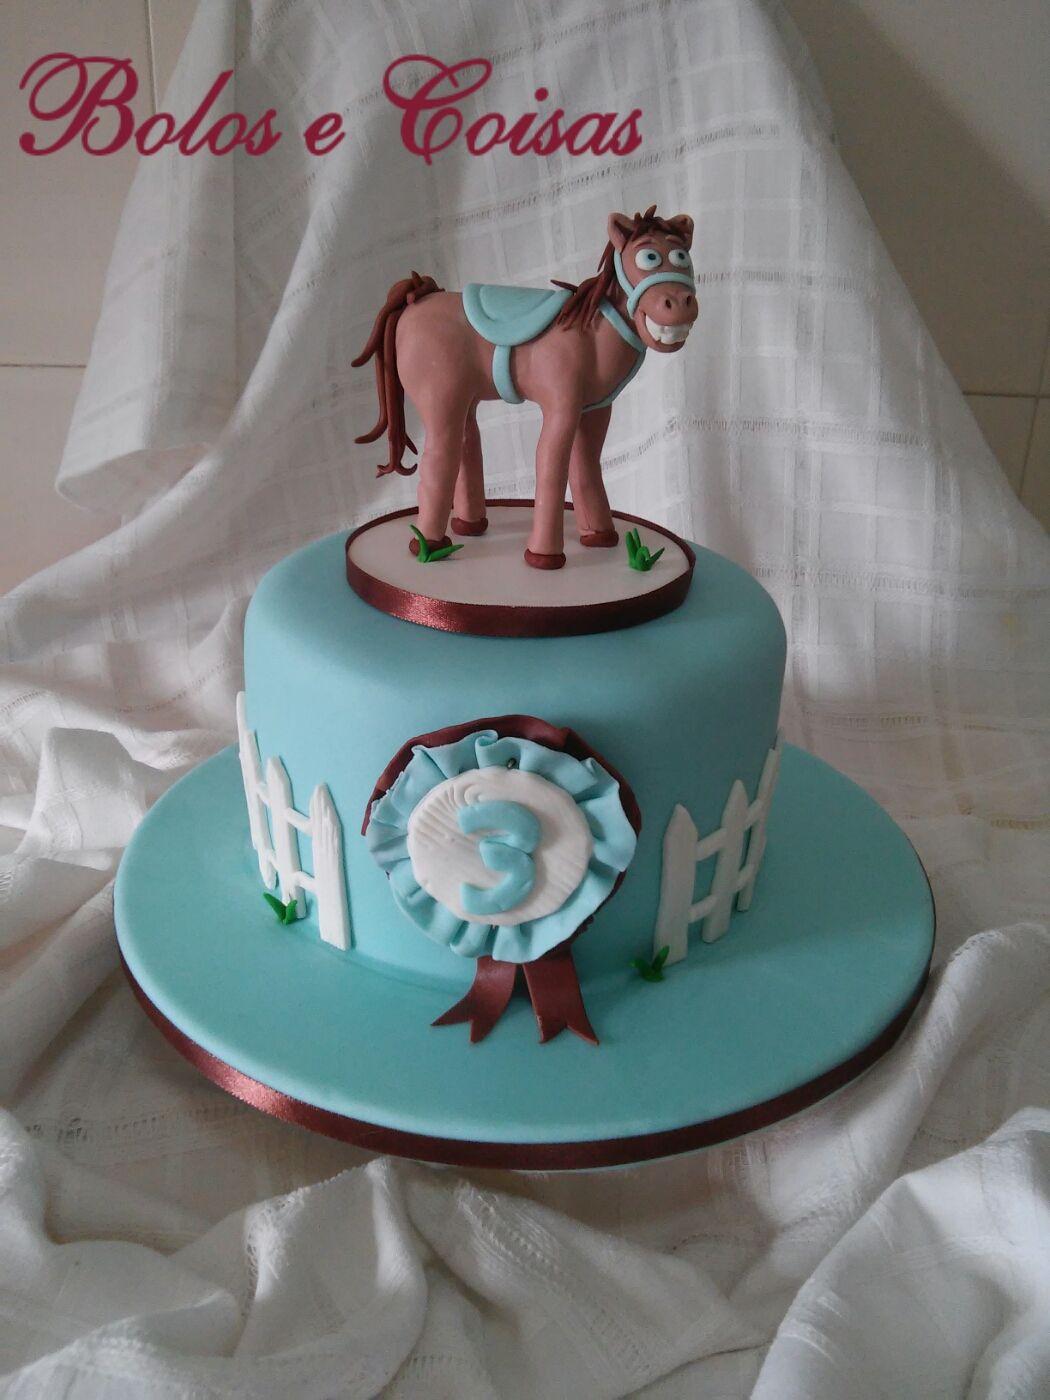 Cake Design Em Lisboa : Bolos e coisas - Bolos decorados (Cake Design): Cavalo ...